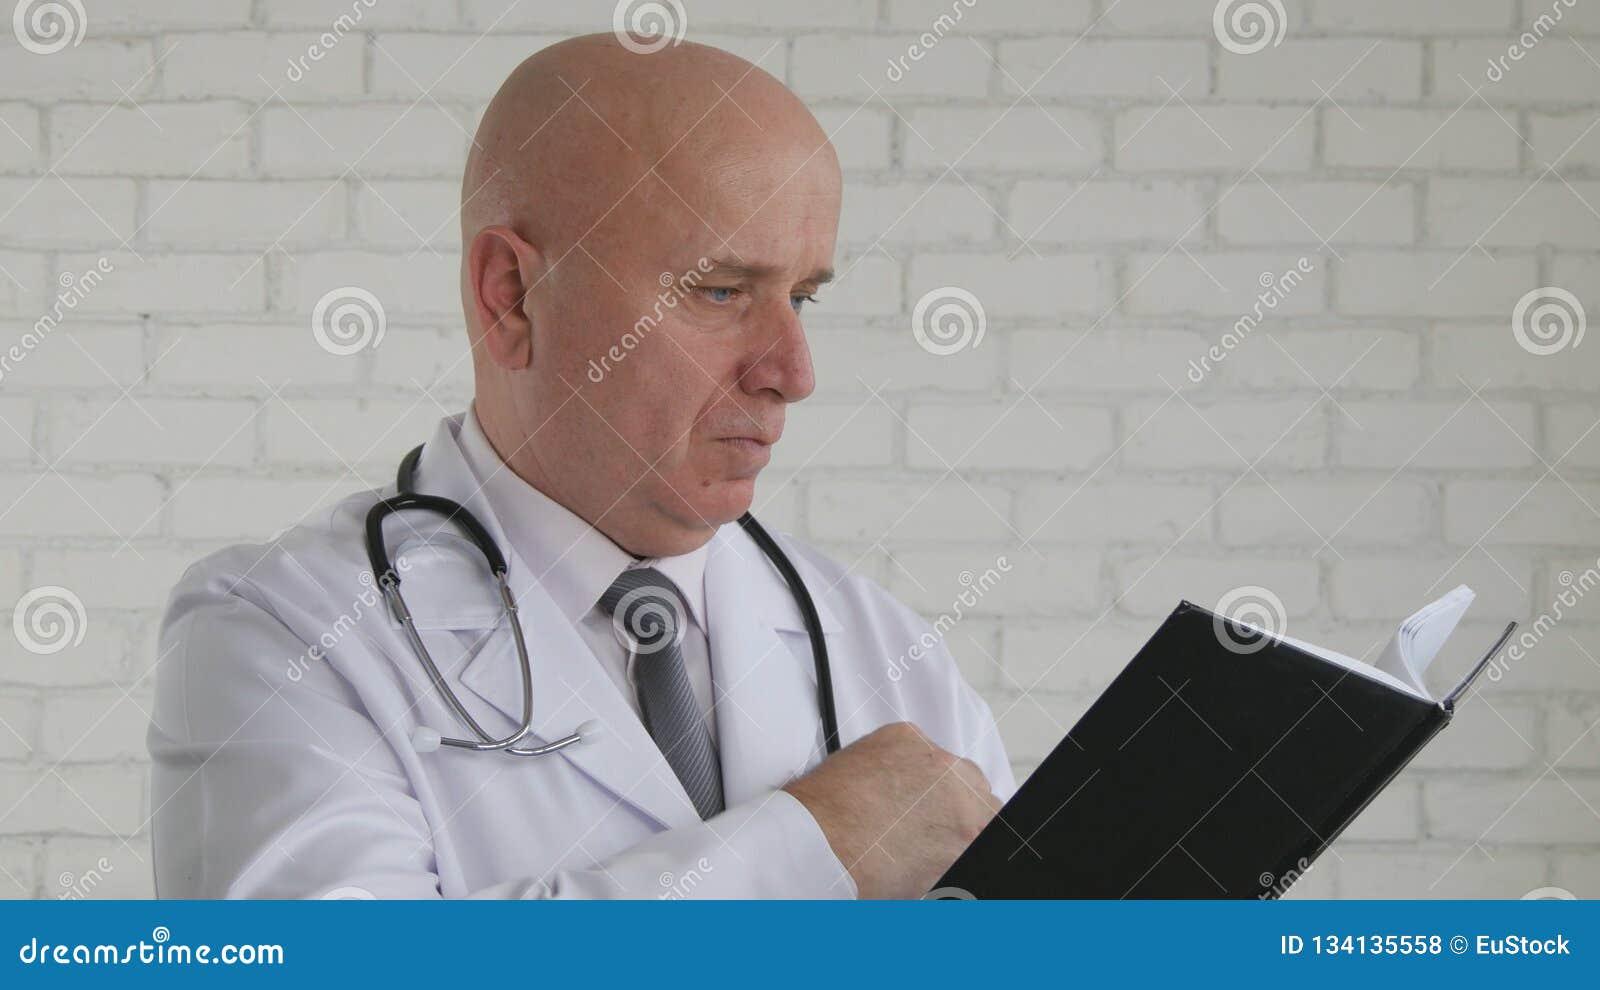 Arts Image Preparing om een Medisch Voorschrift te schrijven